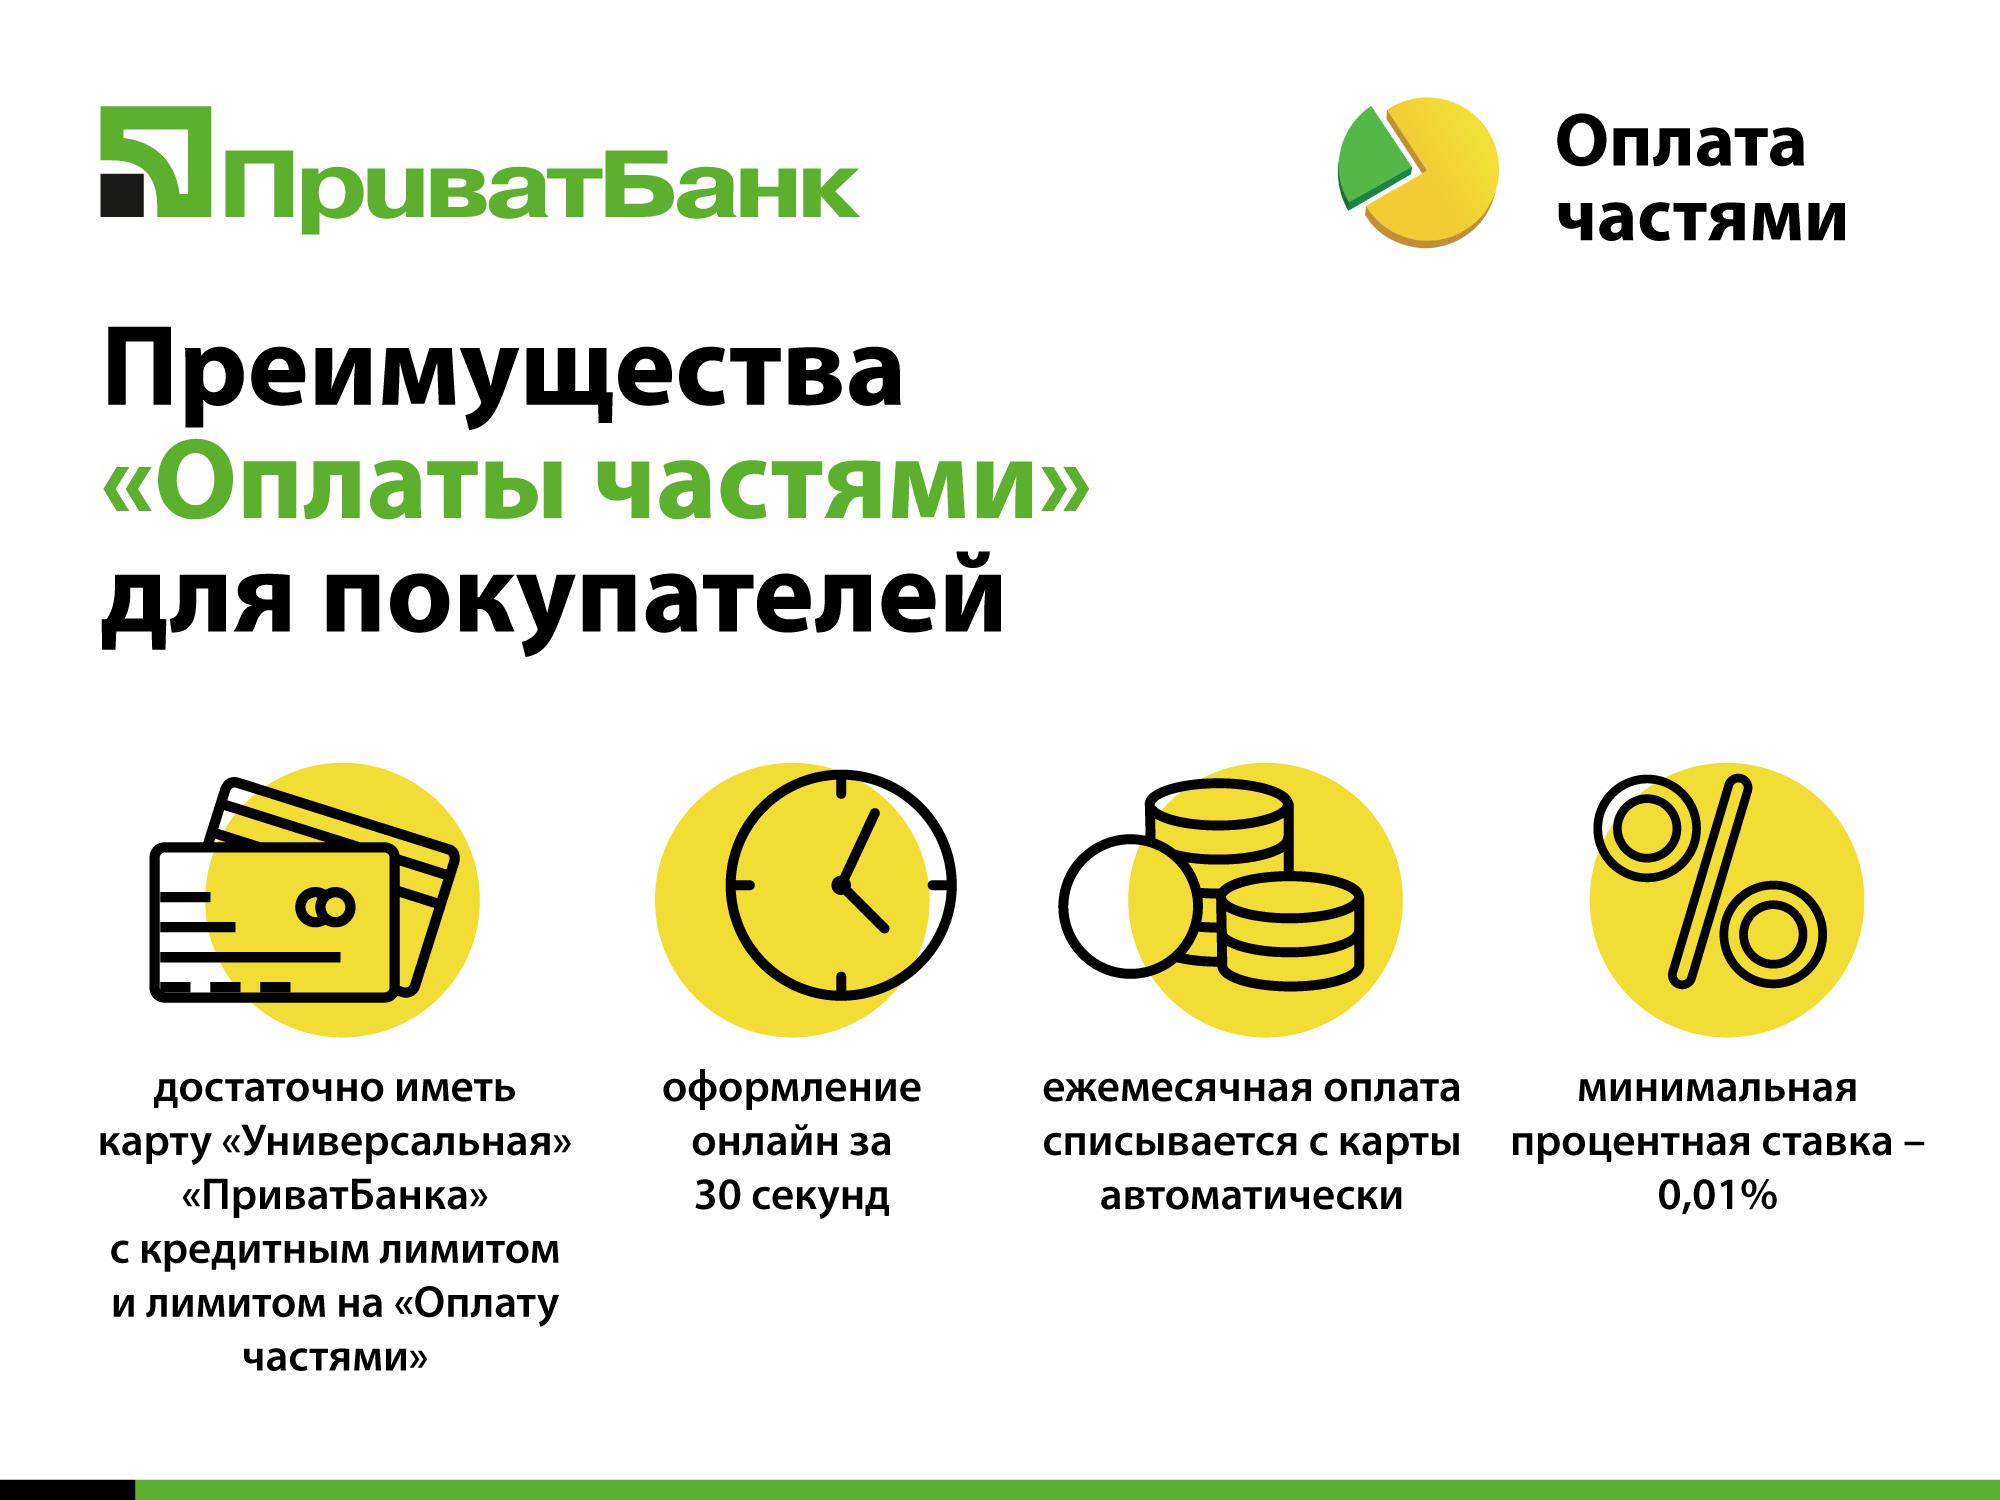 Преимущества «Оплаты частями» для бизнеса